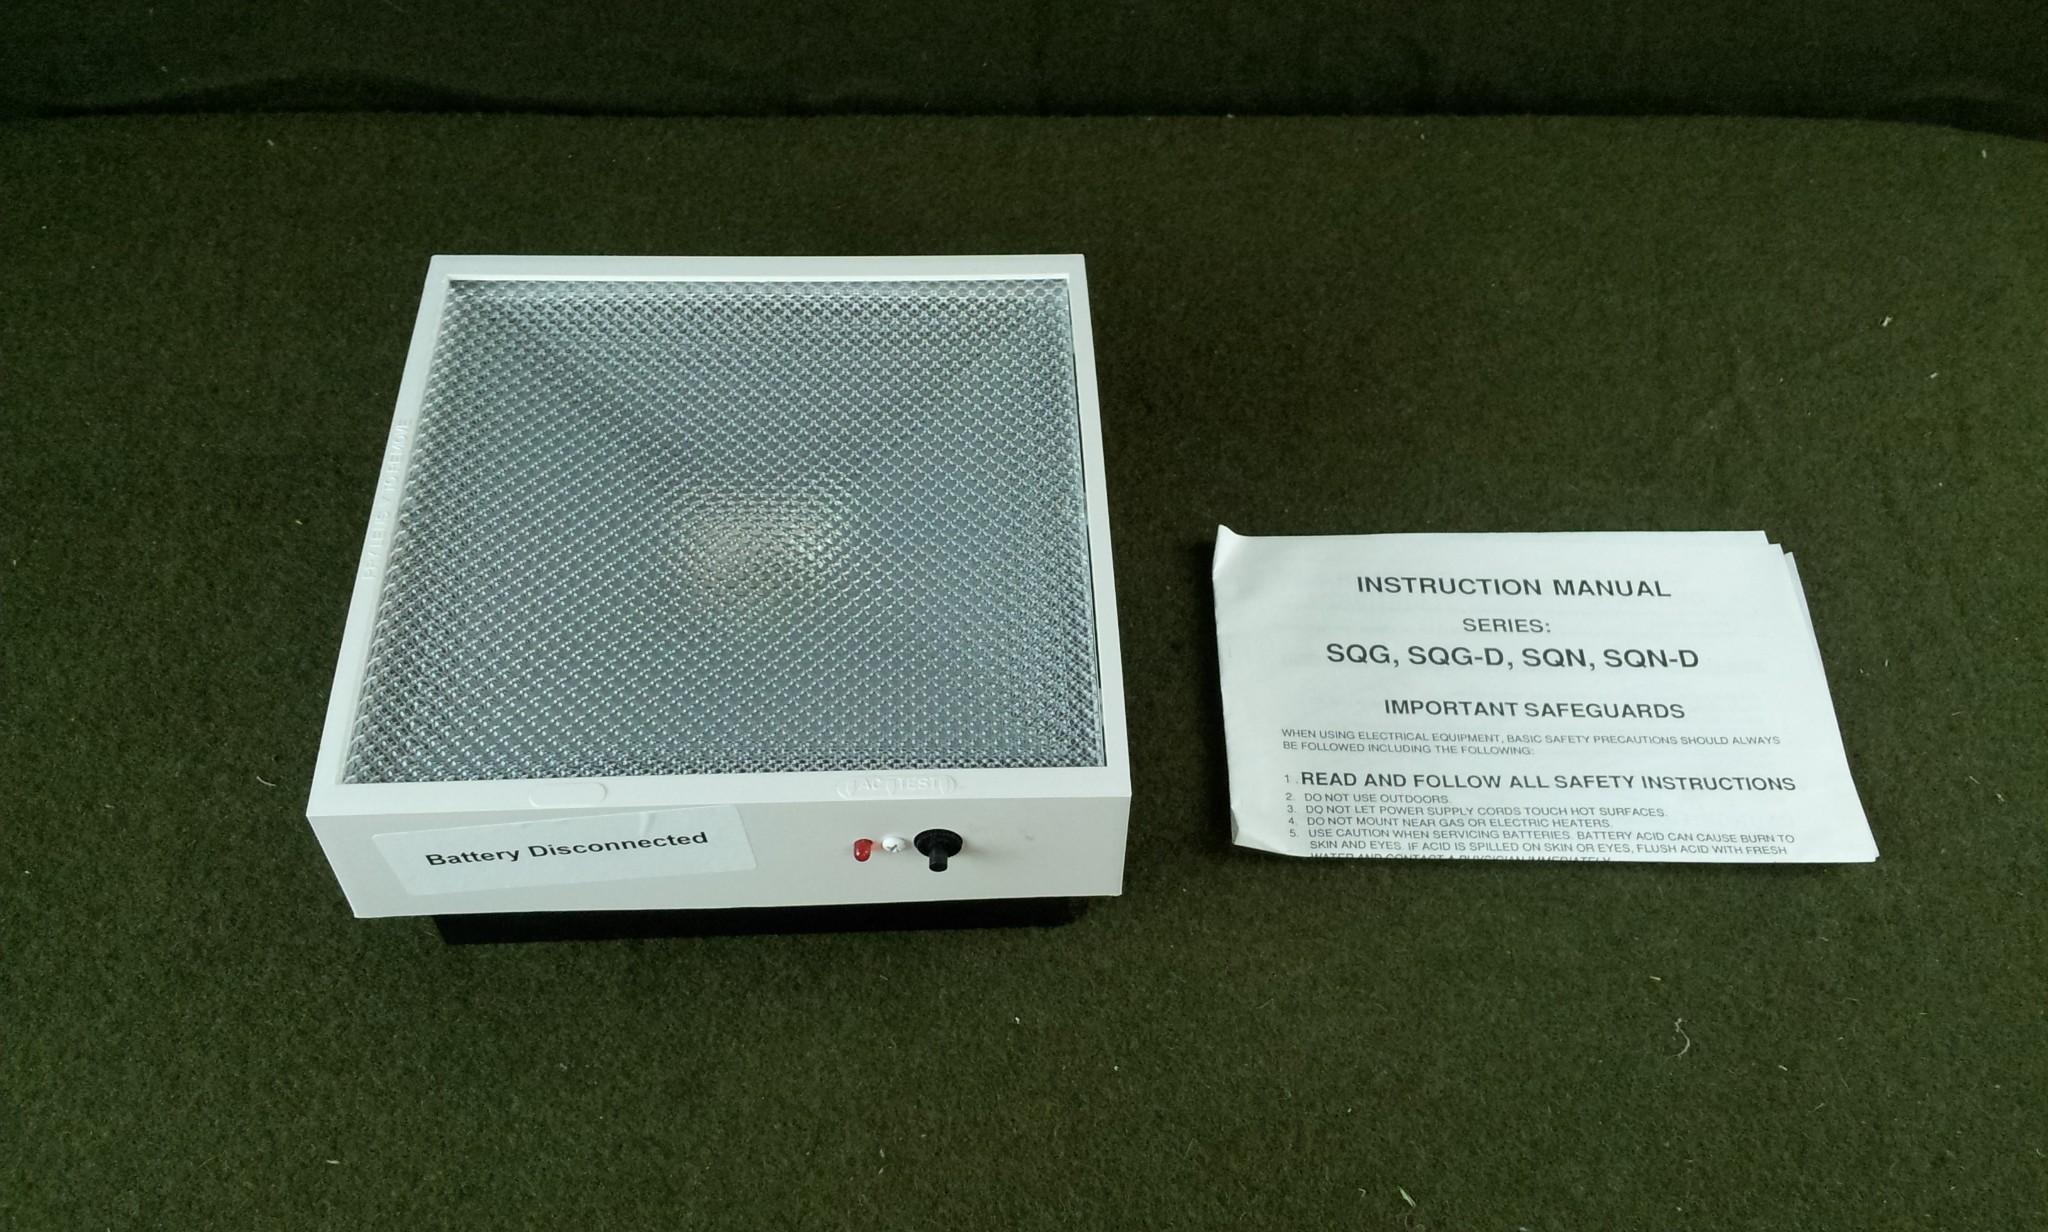 Lightalarm Battery Backup Emergency Light SQG SQG-D SQN SQN-D